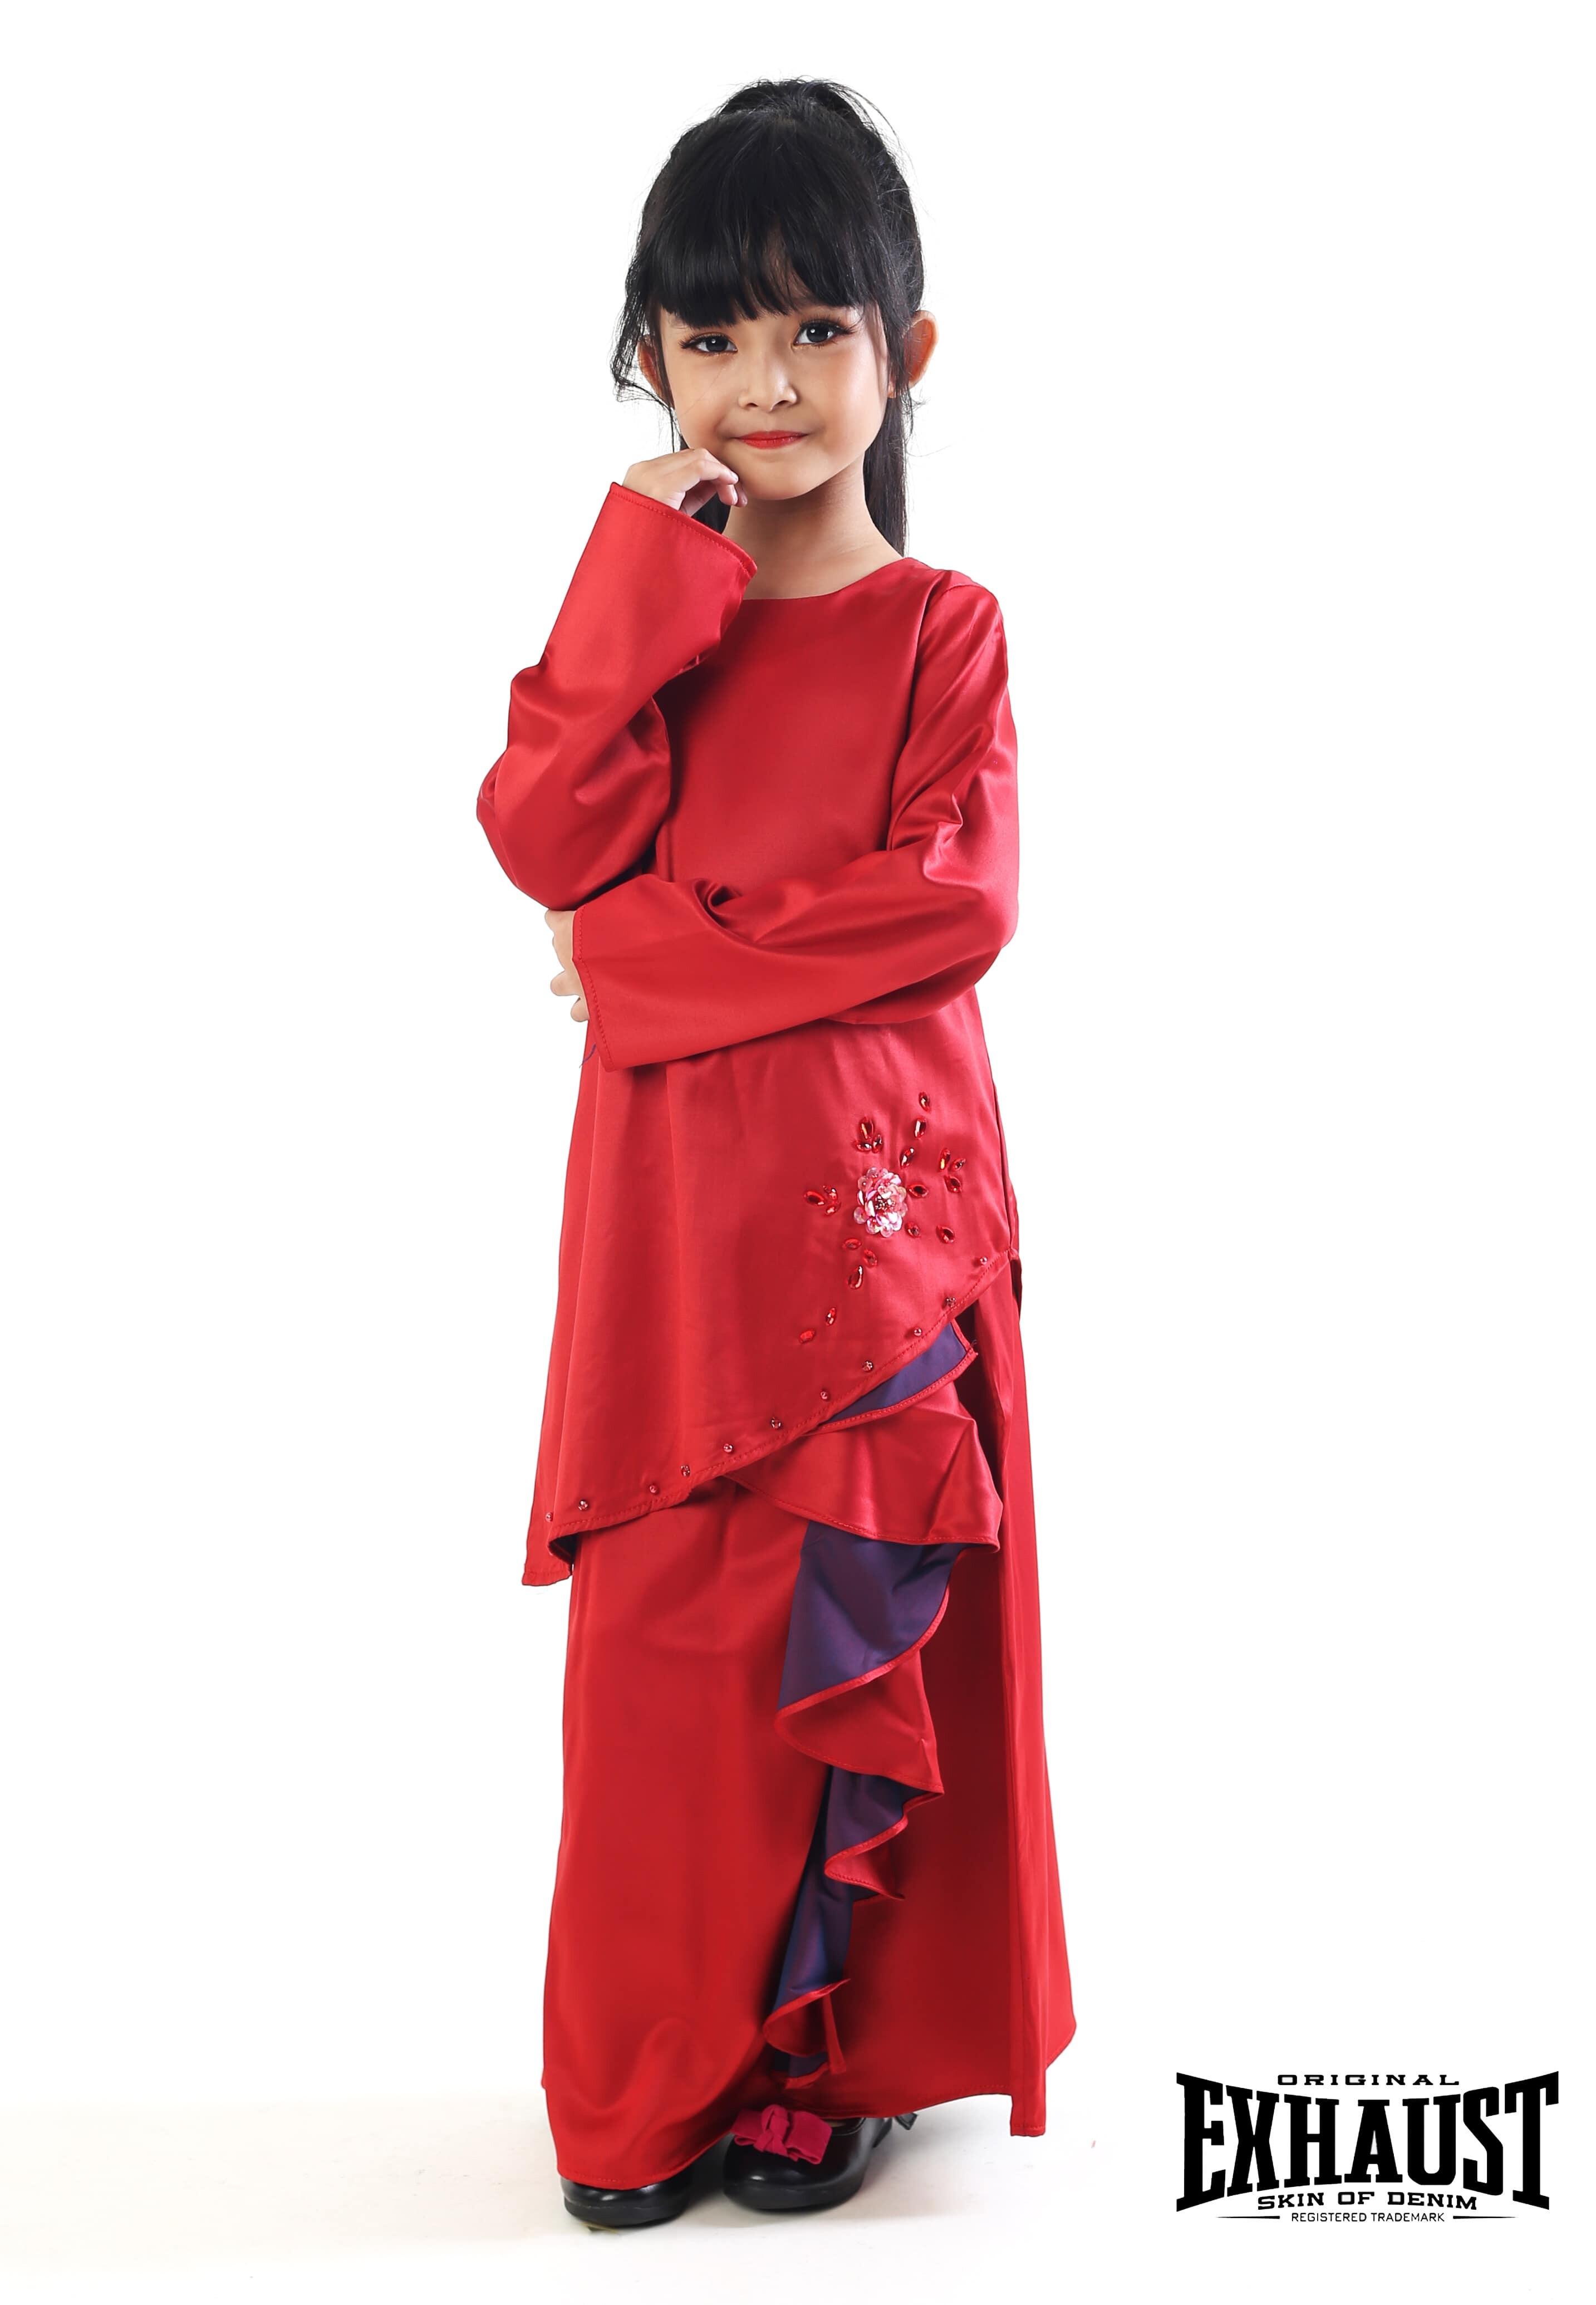 Exhaust Baju Kurung Fashion Kids 7115#3